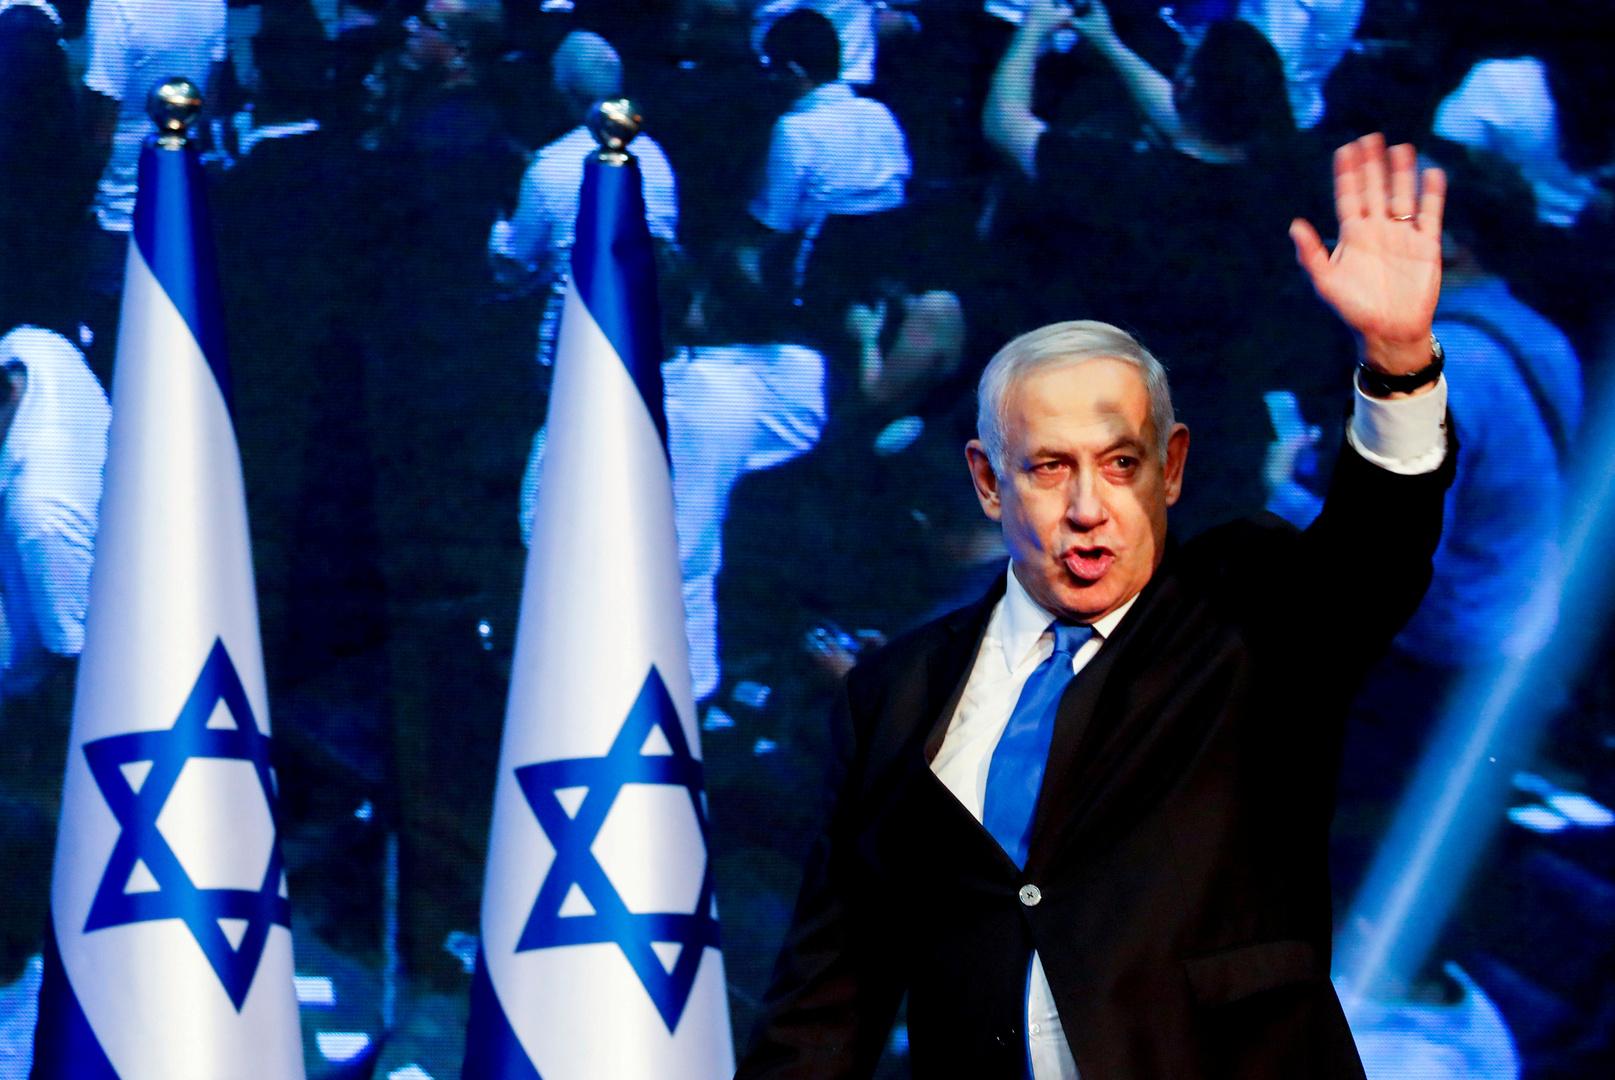 وسائل إعلام إسرائيلية: نتنياهو يأمل في حدوث اختراق بالتطبيع مع المغرب خلال أيام